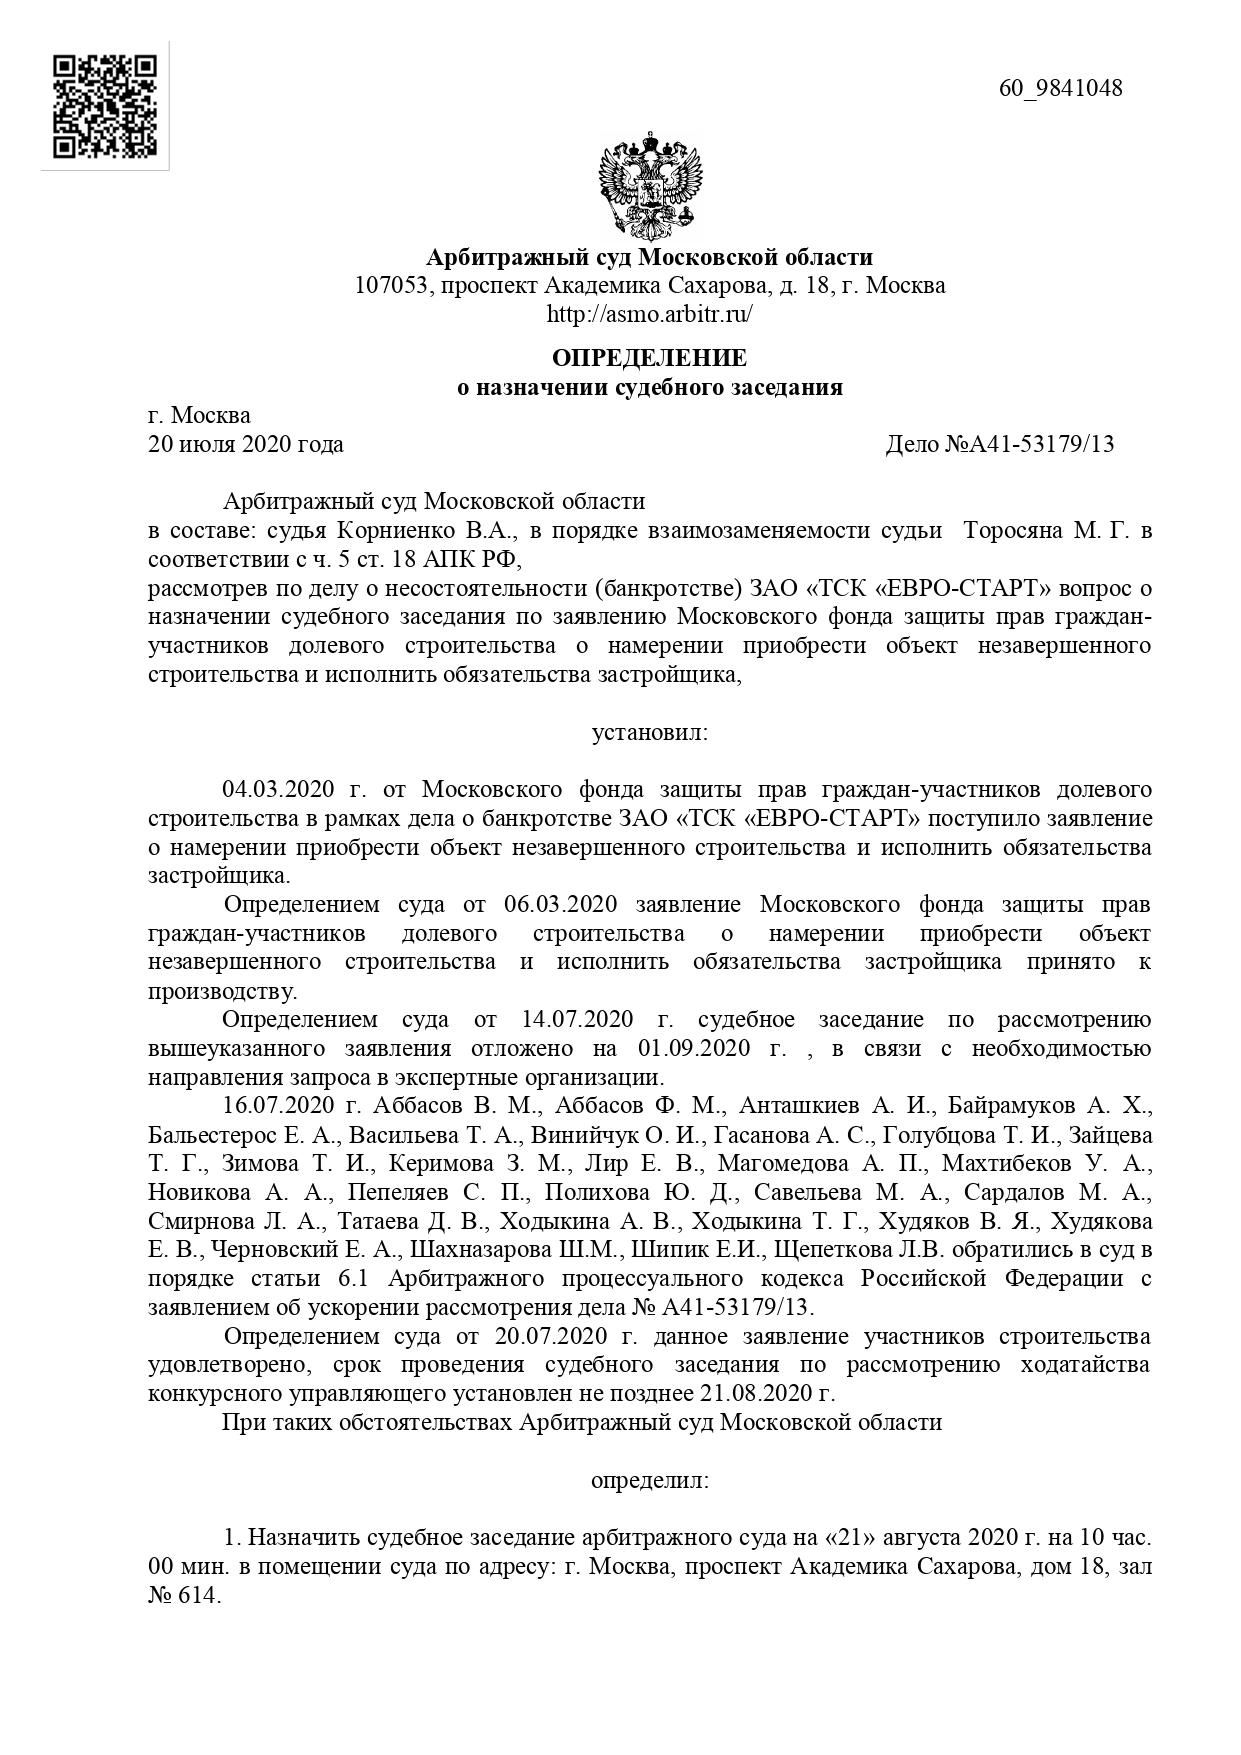 Определение Арбитражного суда города Москвы от 20.07.2020г.